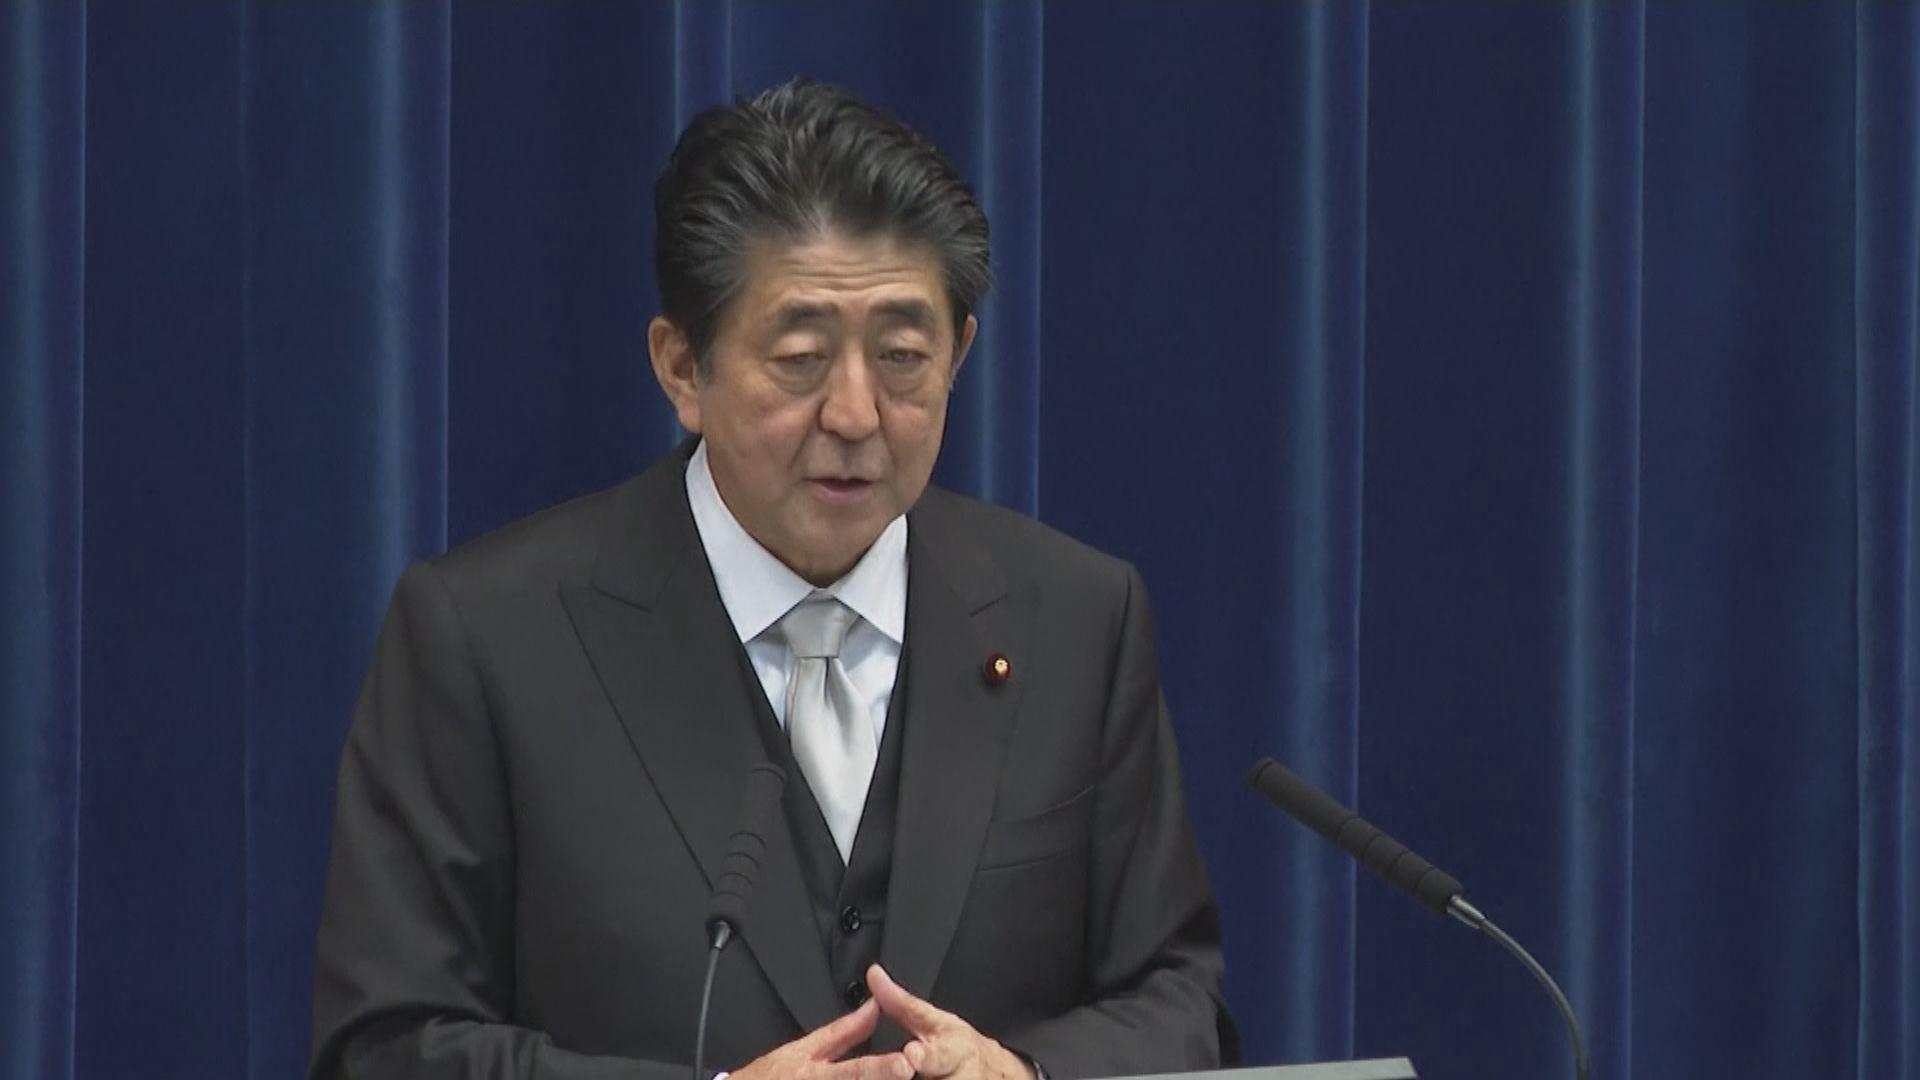 安倍新刺激經濟措施或令日本債務規模進一步攀升